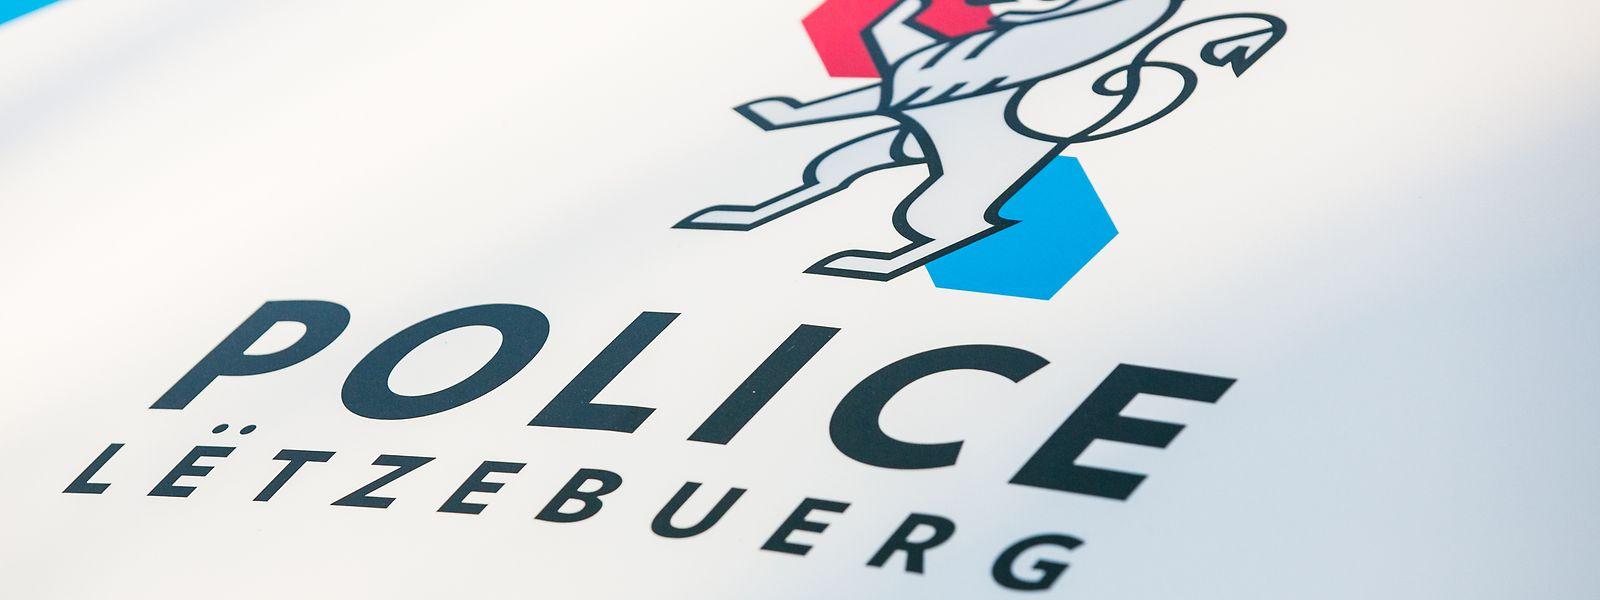 Die Polizei entzog in der Nacht zu Freitag einem alkoholisierten Autofahrer den Führerschein.